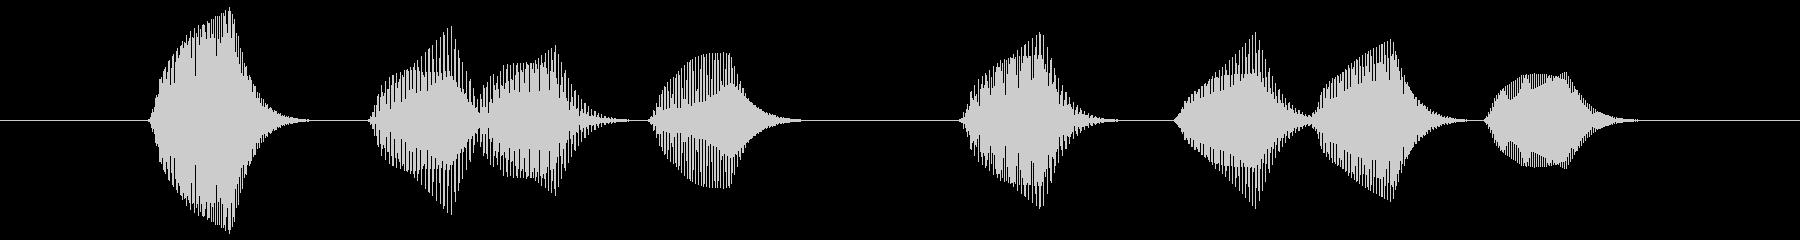 ピロリロ②(場面転換・レベルUP・達成)の未再生の波形